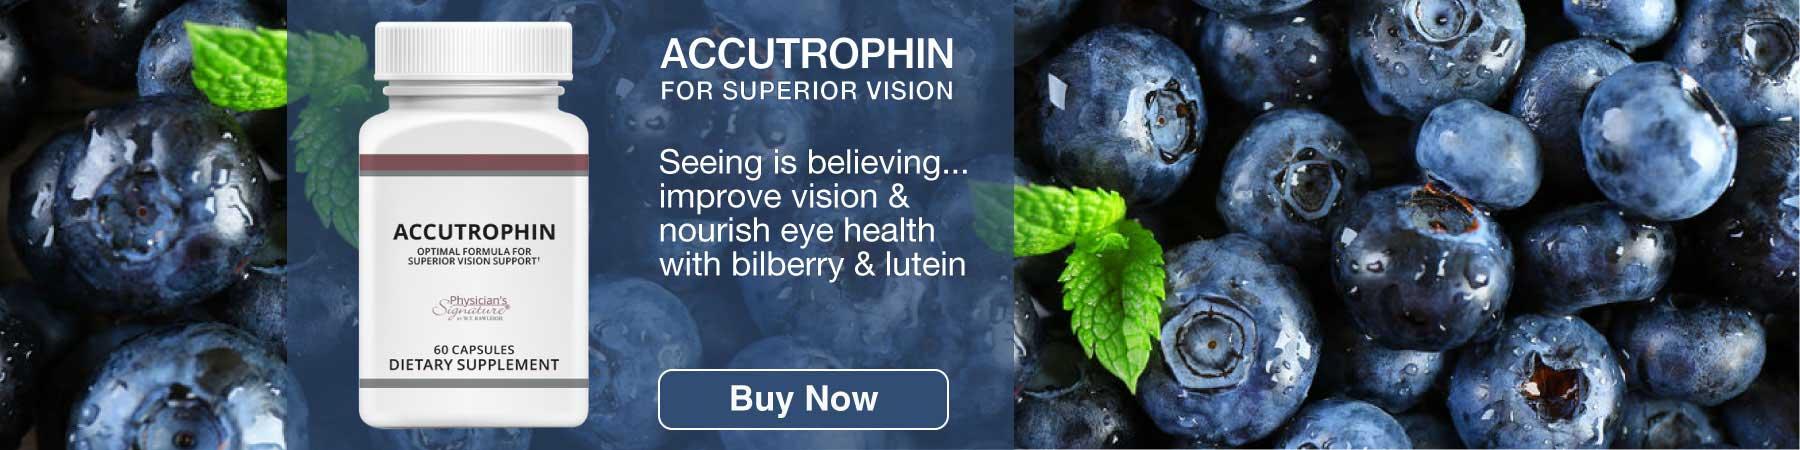 Accutrophin